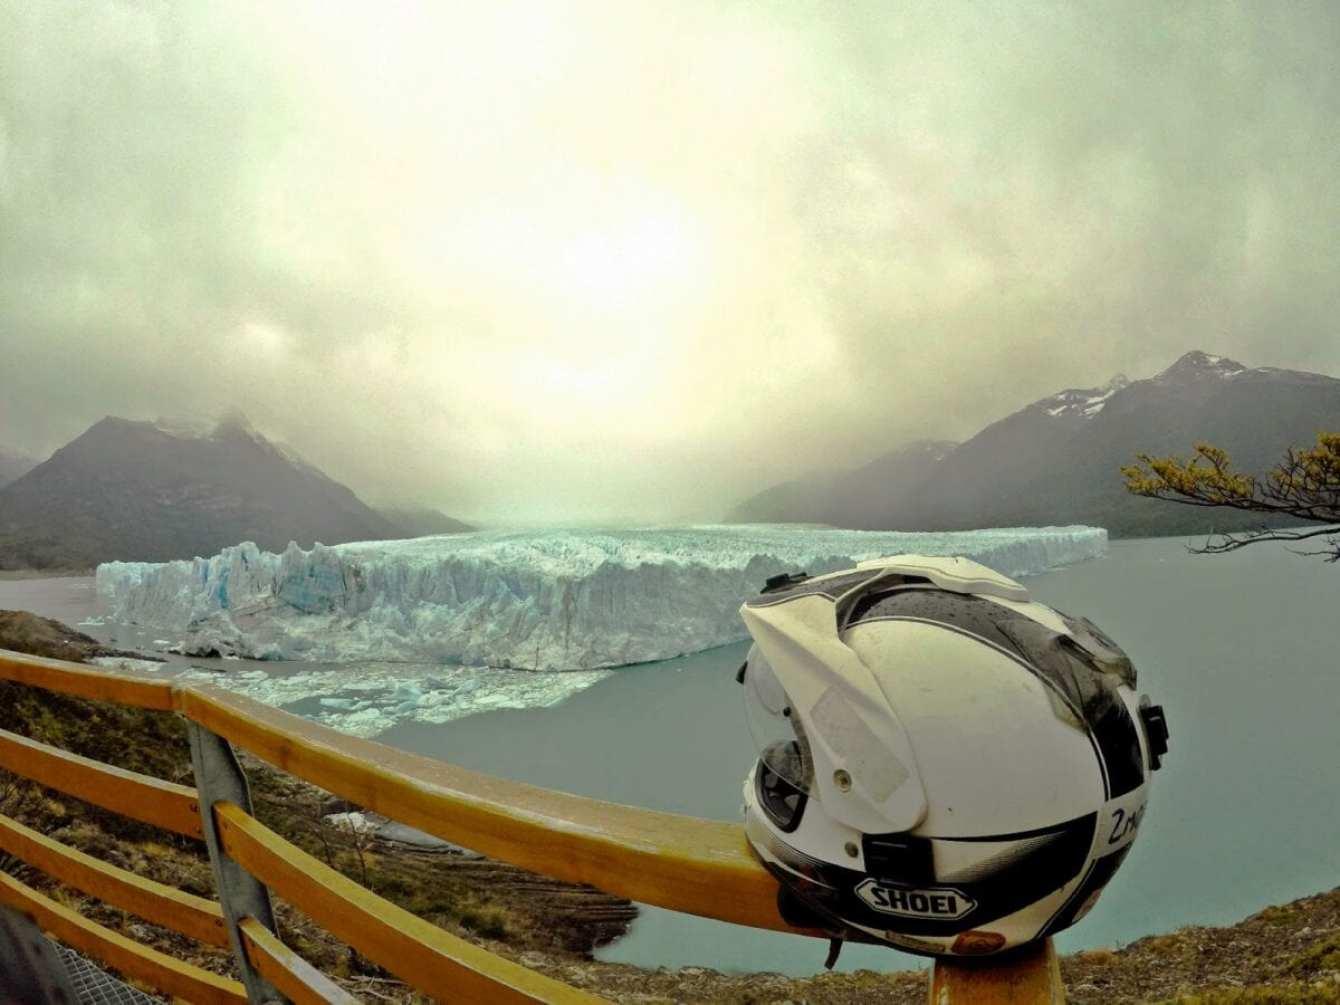 2moroRider-Shoei-iceberg